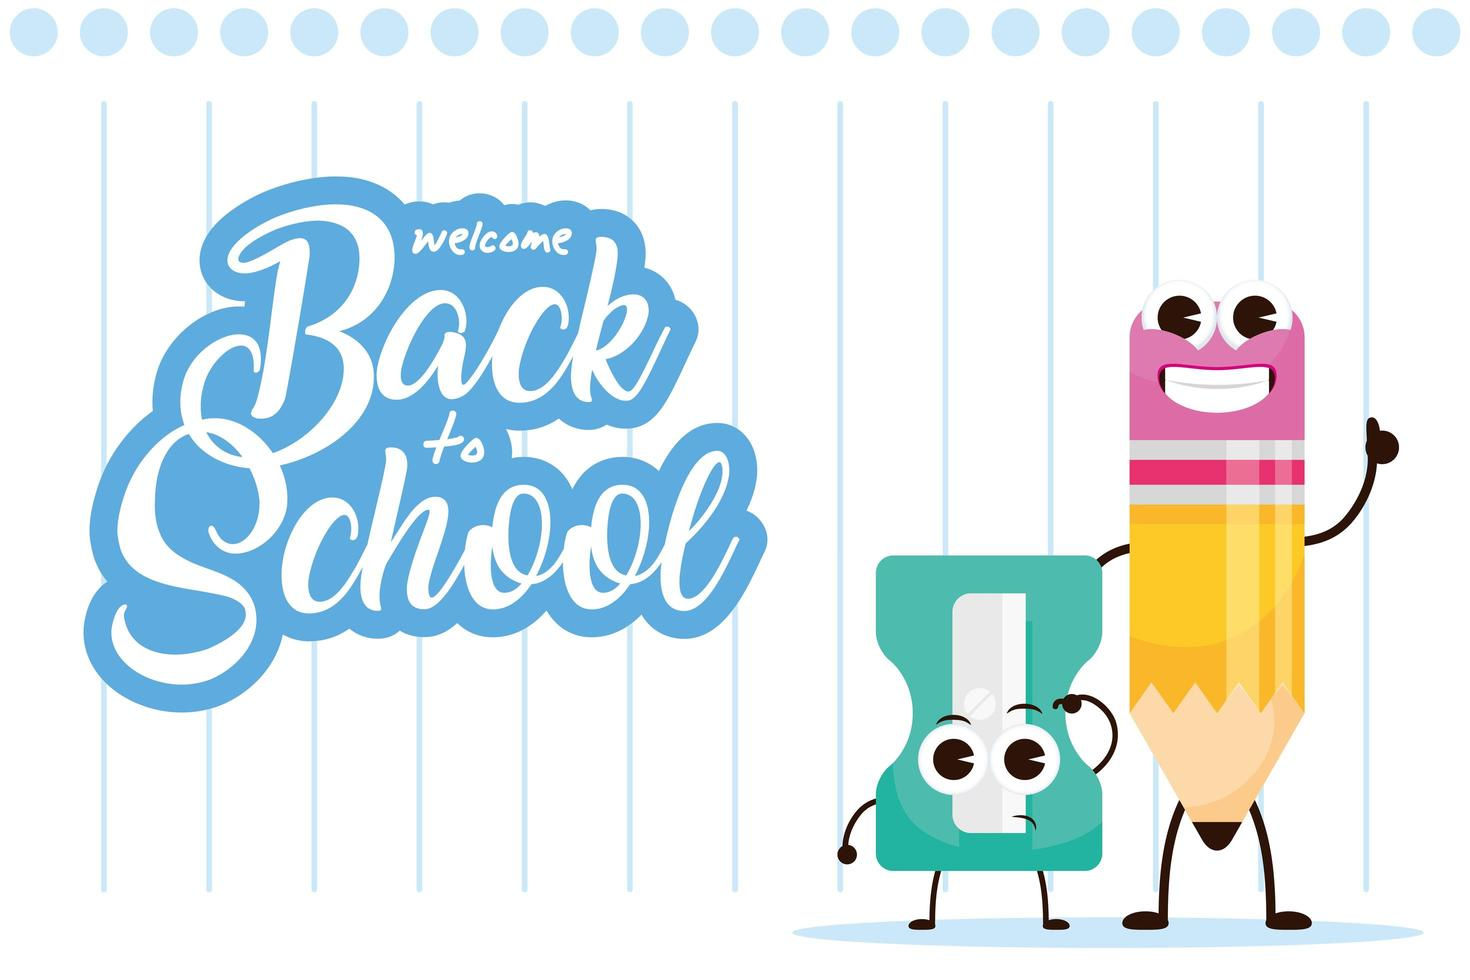 l'école kawaii fournit des personnages pour la rentrée scolaire vecteur